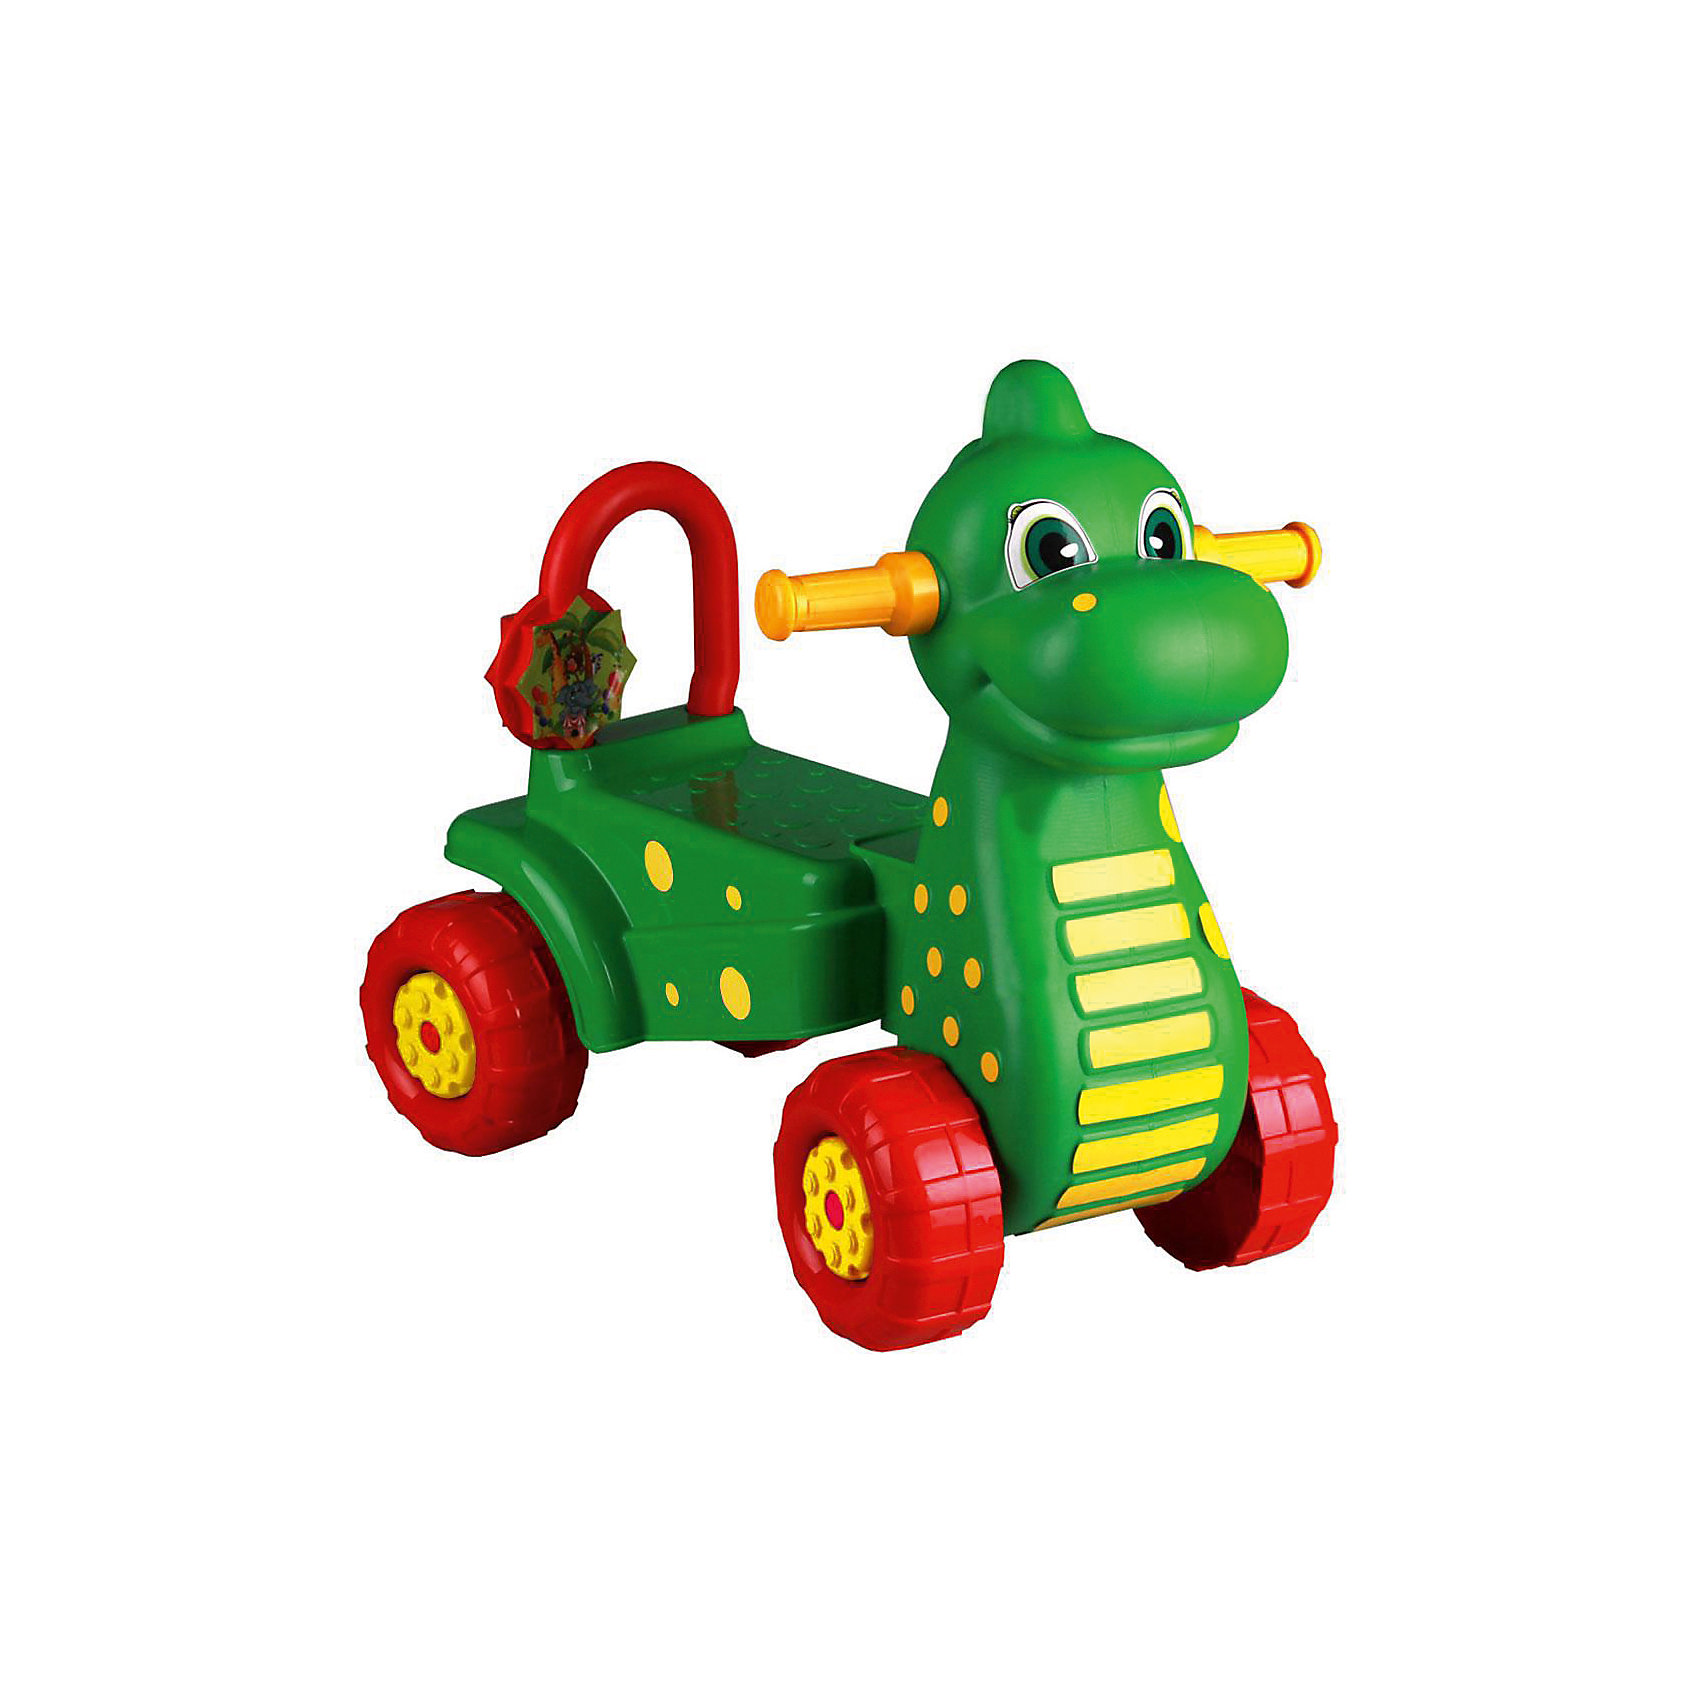 Каталка детская Дракон ,  Alternativa, зел.Машинки-каталки<br>Каталка Дракон очень привлекательная и удобная! Она сделана в форме милого дракона, готового довезти ребенка до места назначения. Каталка устойчиво держится на четырех крупных колесах, имеет хвостик-спинку и удобные ушки-ручки. Яркая и легкая каталка прекрасно подойдет для веселых прогулок и развлечений!<br><br>Дополнительная информация:<br>Цвет: зеленый<br>Материал: пластик<br>Размер: 56х34х51 см<br><br>Вы можете приобрести каталку Дракон в нашем интернет-магазине.<br><br>Ширина мм: 560<br>Глубина мм: 340<br>Высота мм: 510<br>Вес г: 2213<br>Возраст от месяцев: 36<br>Возраст до месяцев: 144<br>Пол: Унисекс<br>Возраст: Детский<br>SKU: 4979690